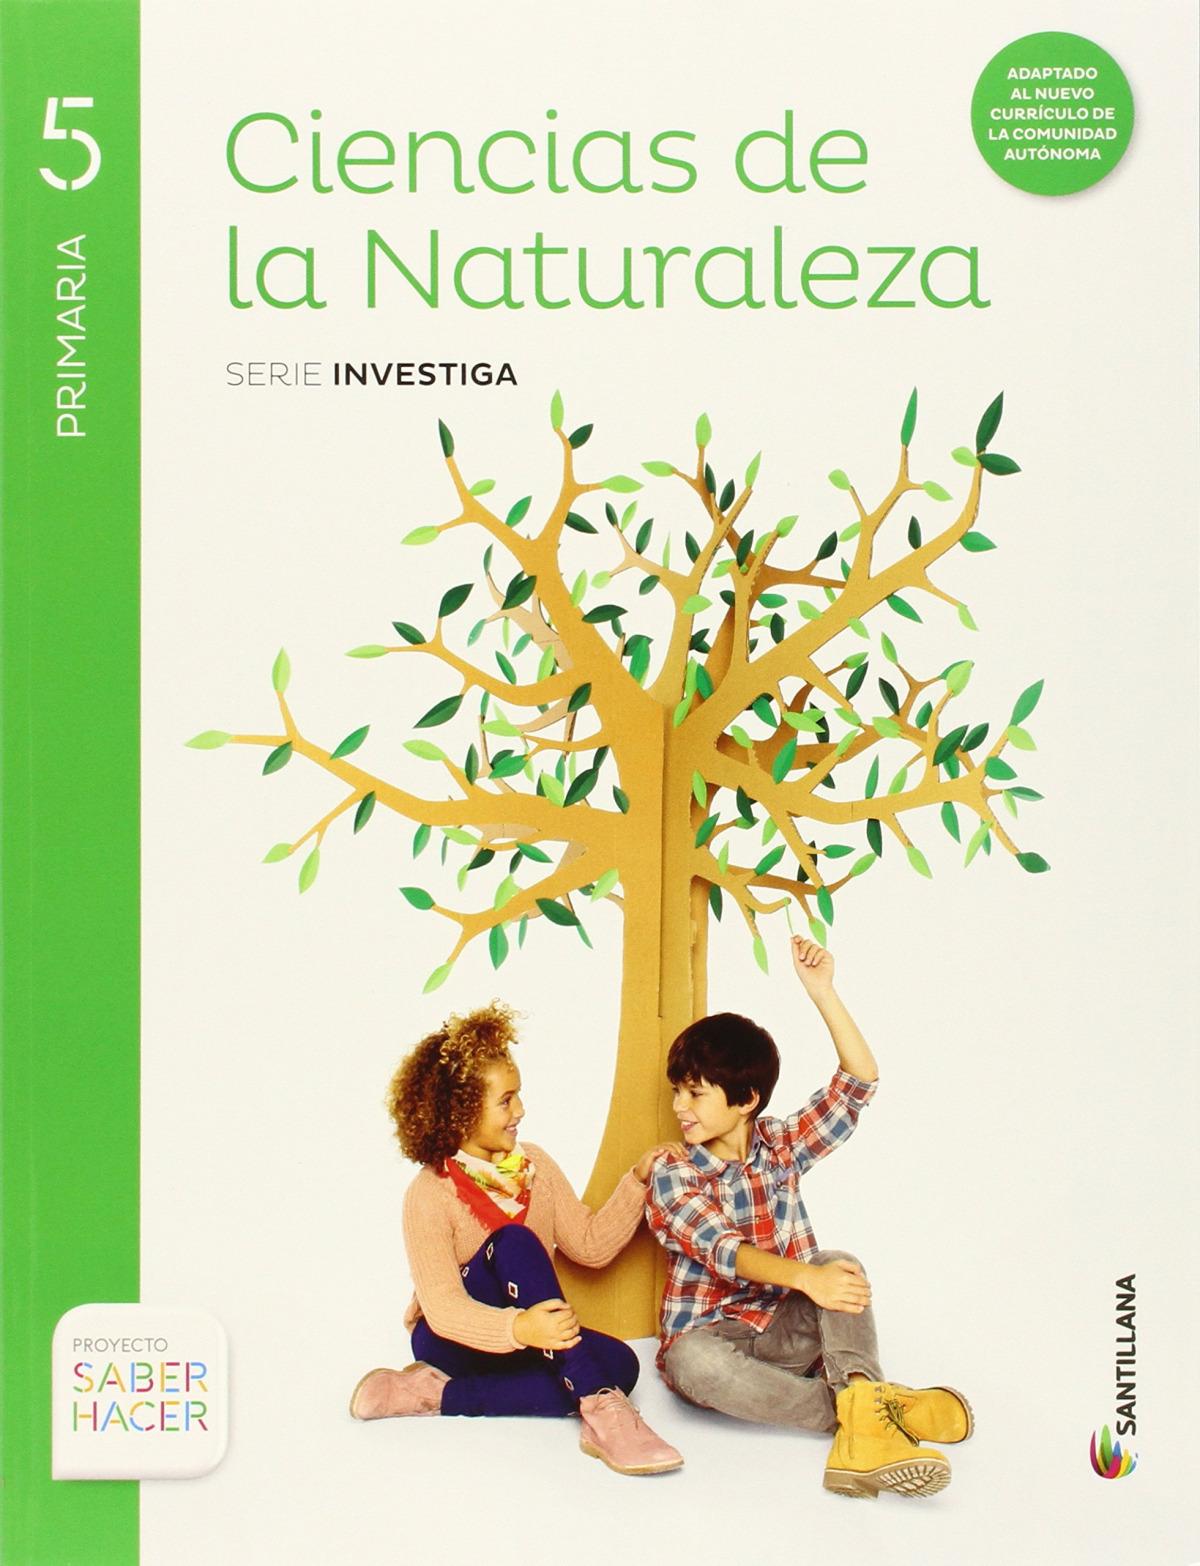 CIENCIAS DE LA NATURALEZA 5 PRIMARIA SERIE INVESTIGA SABER HACER 9788468030869